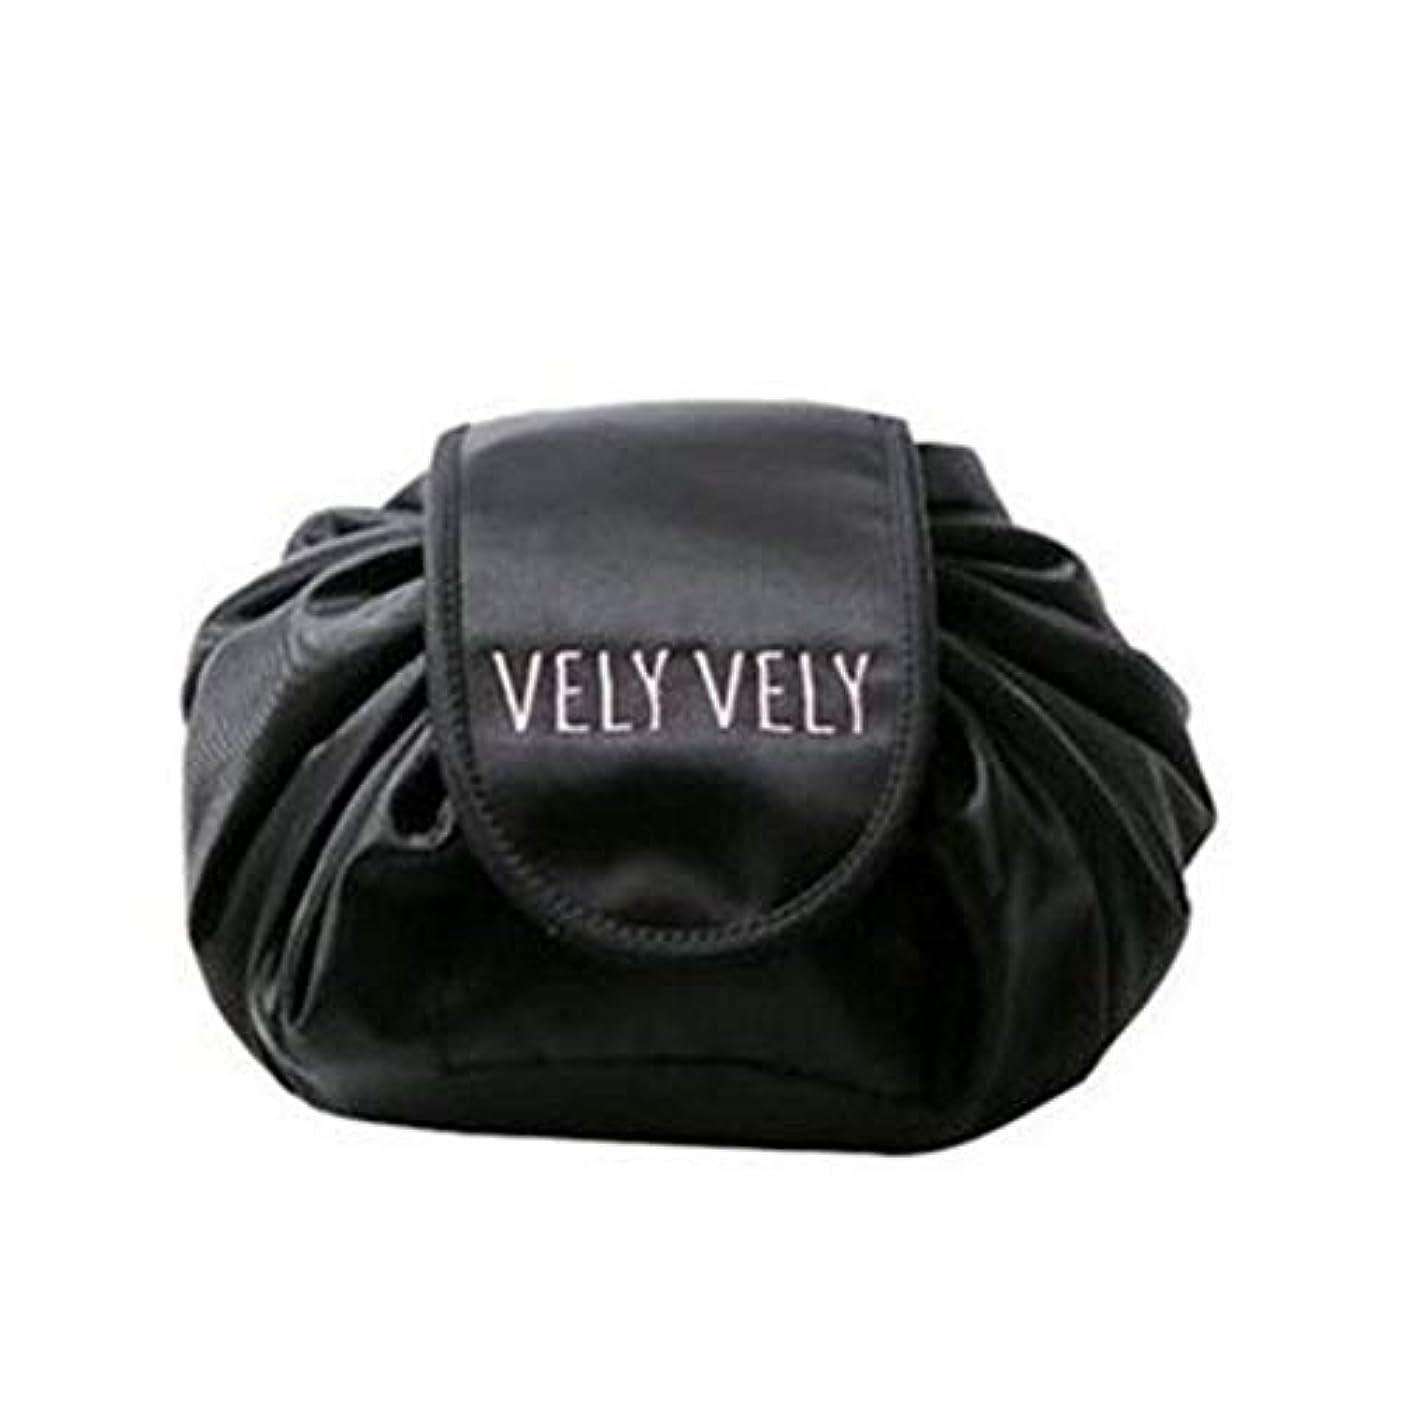 テーマ修道院周り[テンカ]化粧バッグ 収納 メイクバッグ 化粧ポーチ 大容量 レディース 旅行 おしゃれ 折畳式 巾着型 防水